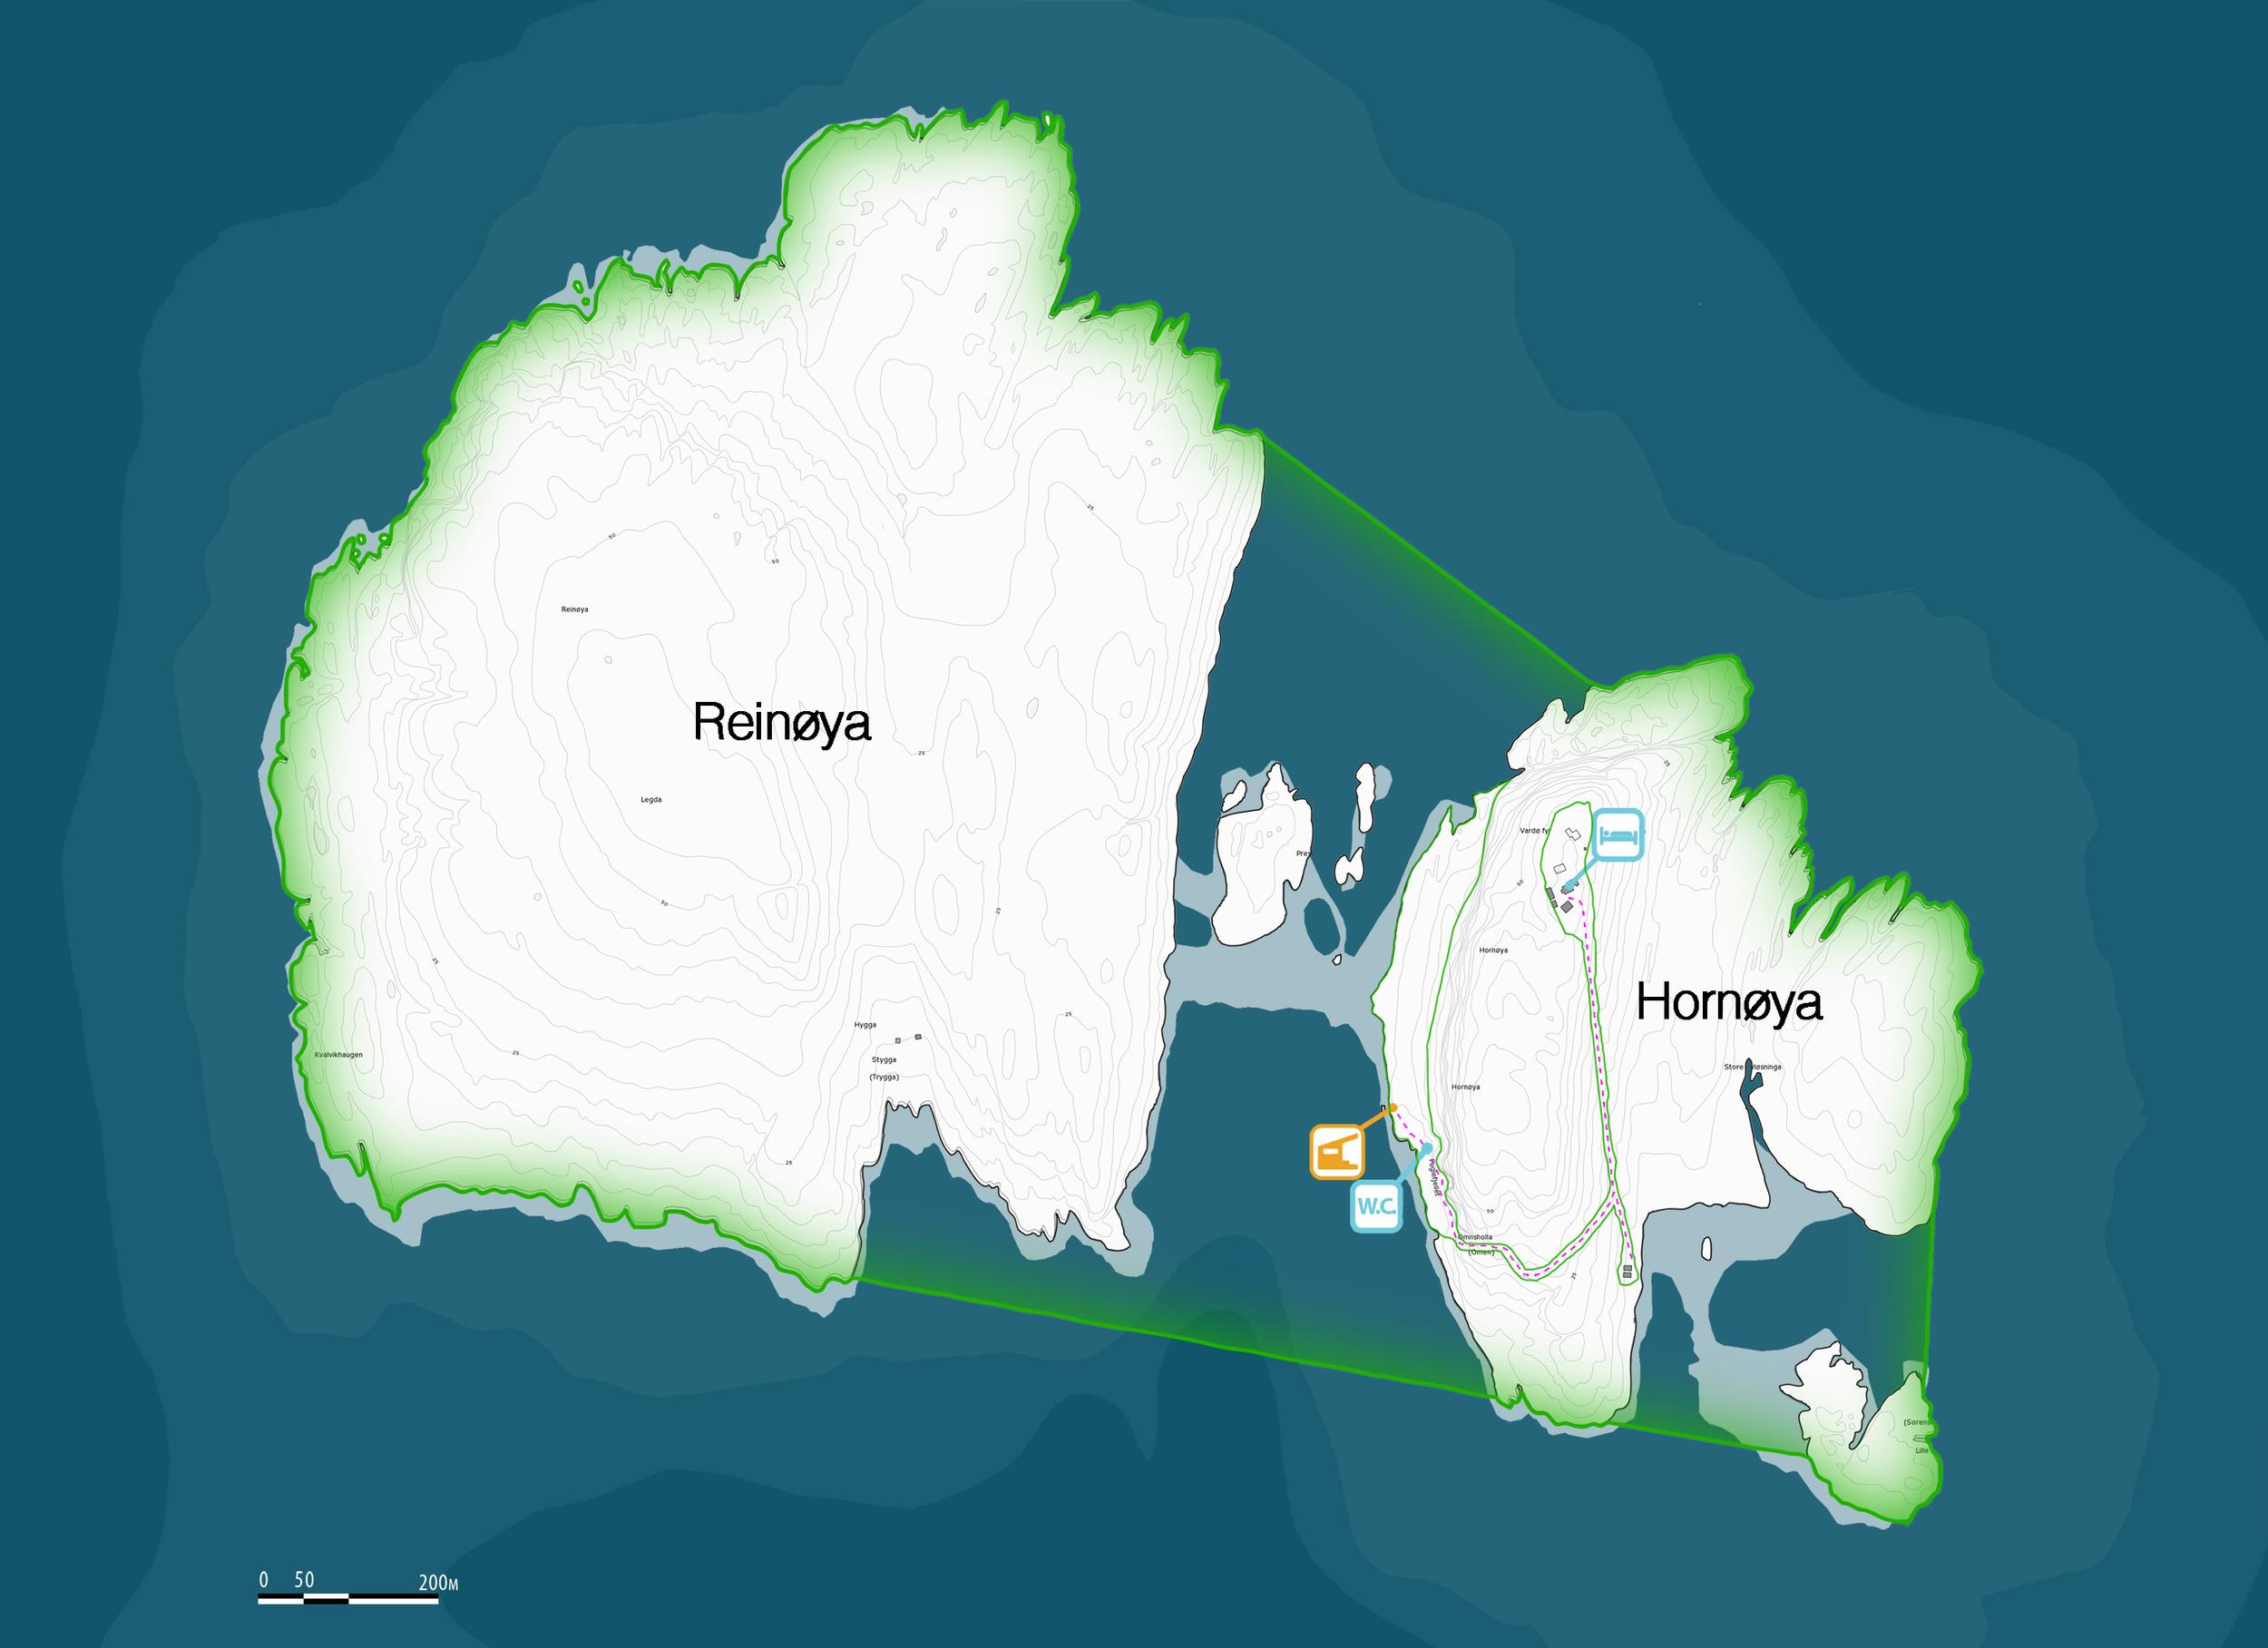 M Kart som viser omfanget av naturreservatet Reinøya/Hornøya (markert i grønt)